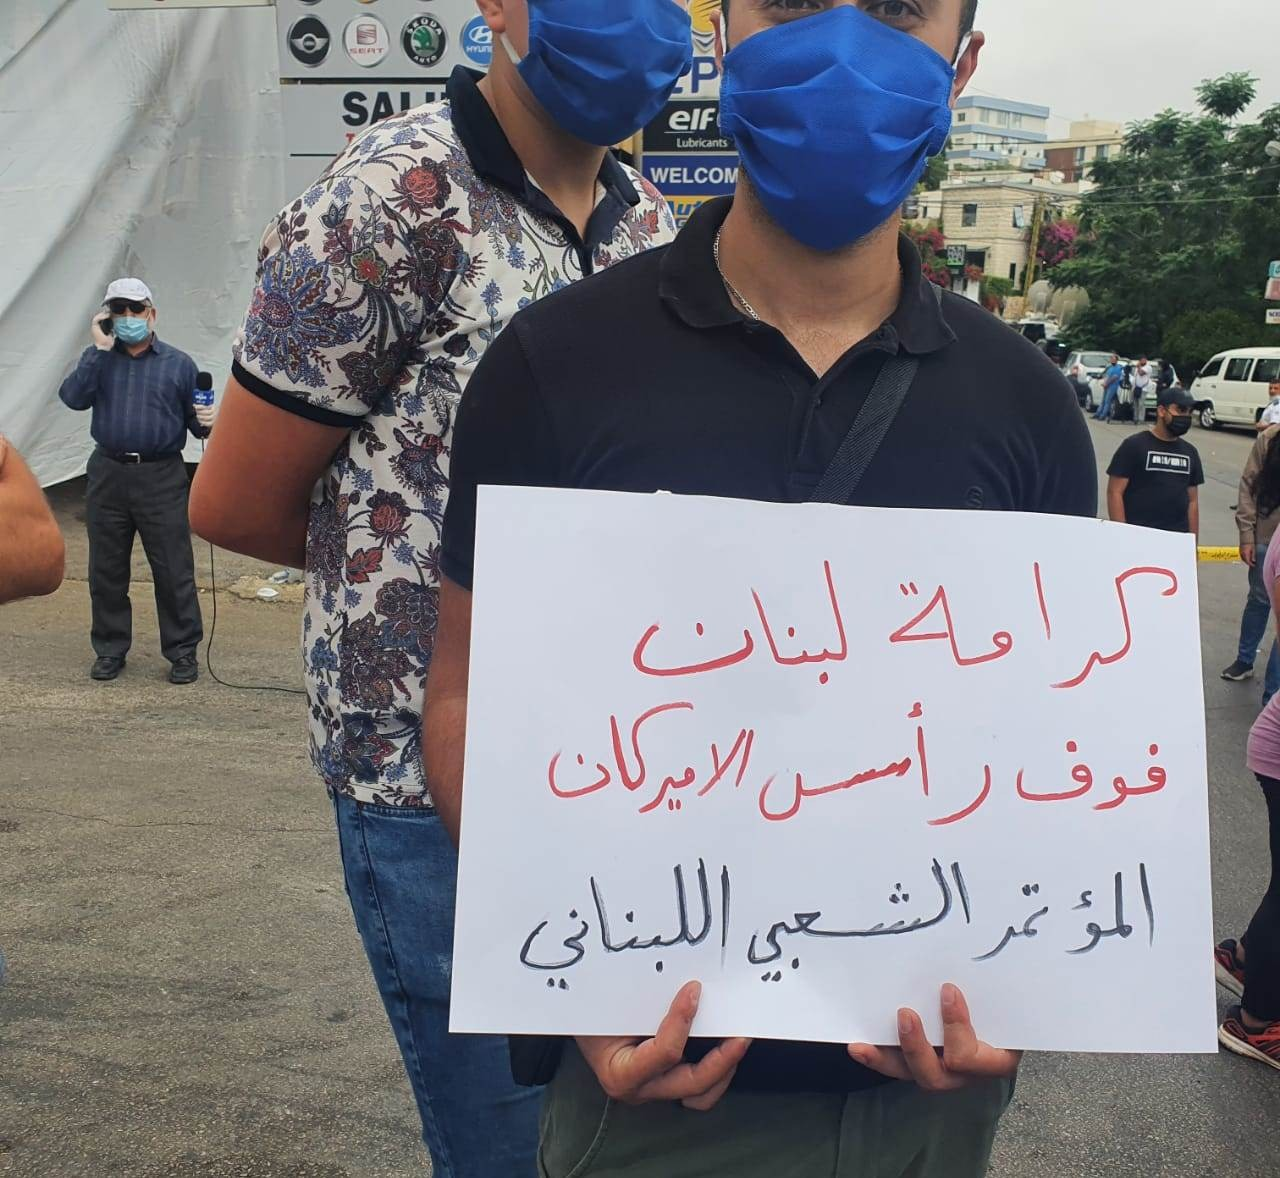 تظاهرة منددة بالحصار الأميركي الجائر أمام السفارة الأميركية في عوكر